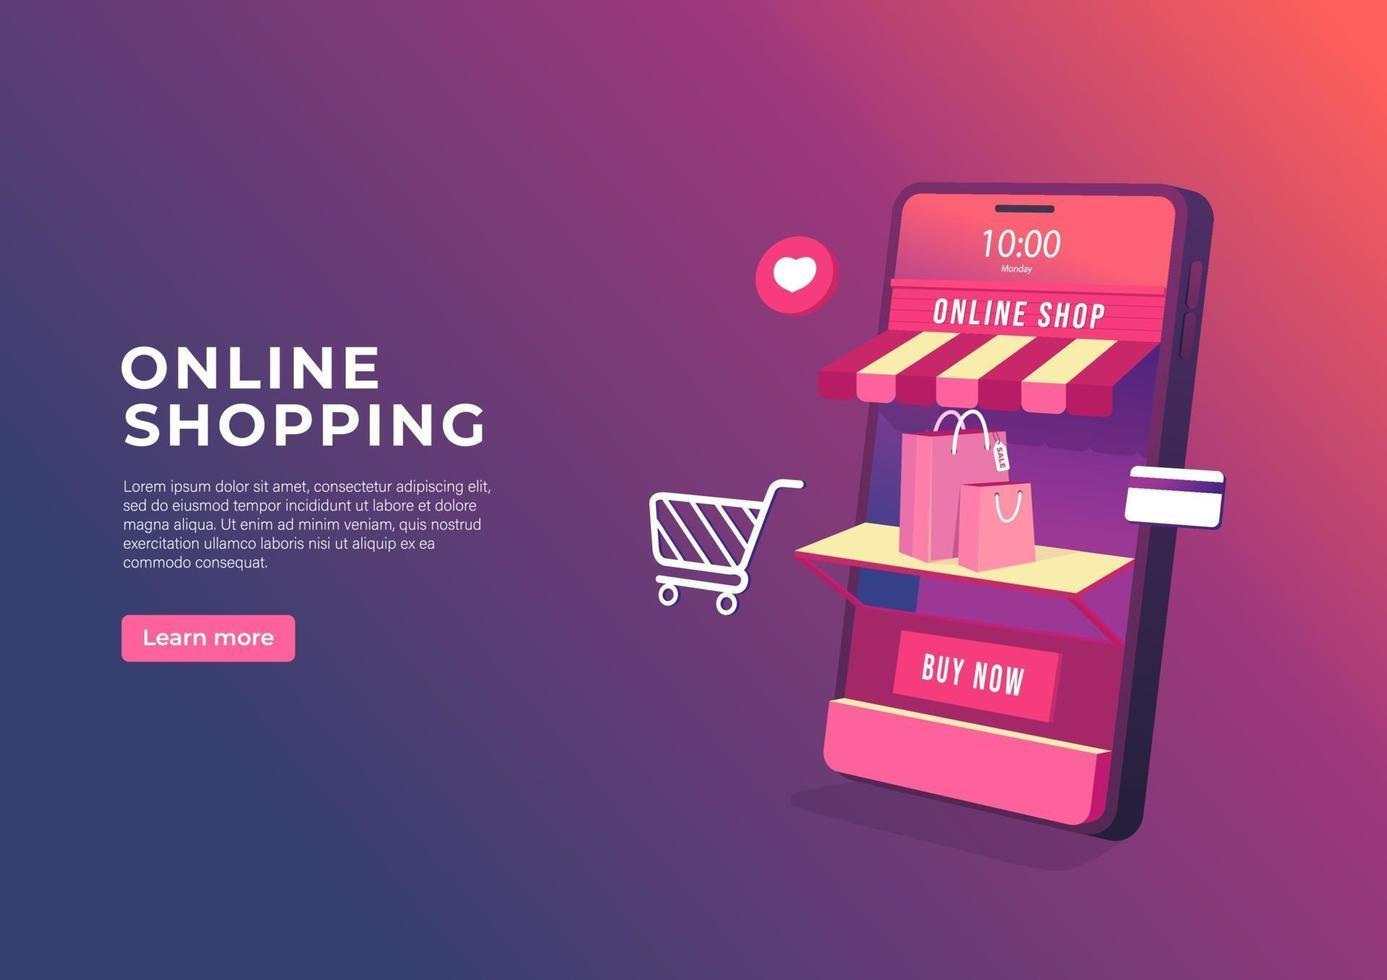 online shopping på mobil applikationsbanner. Online-butik 3d på banermallen för mobiltelefon. vektor